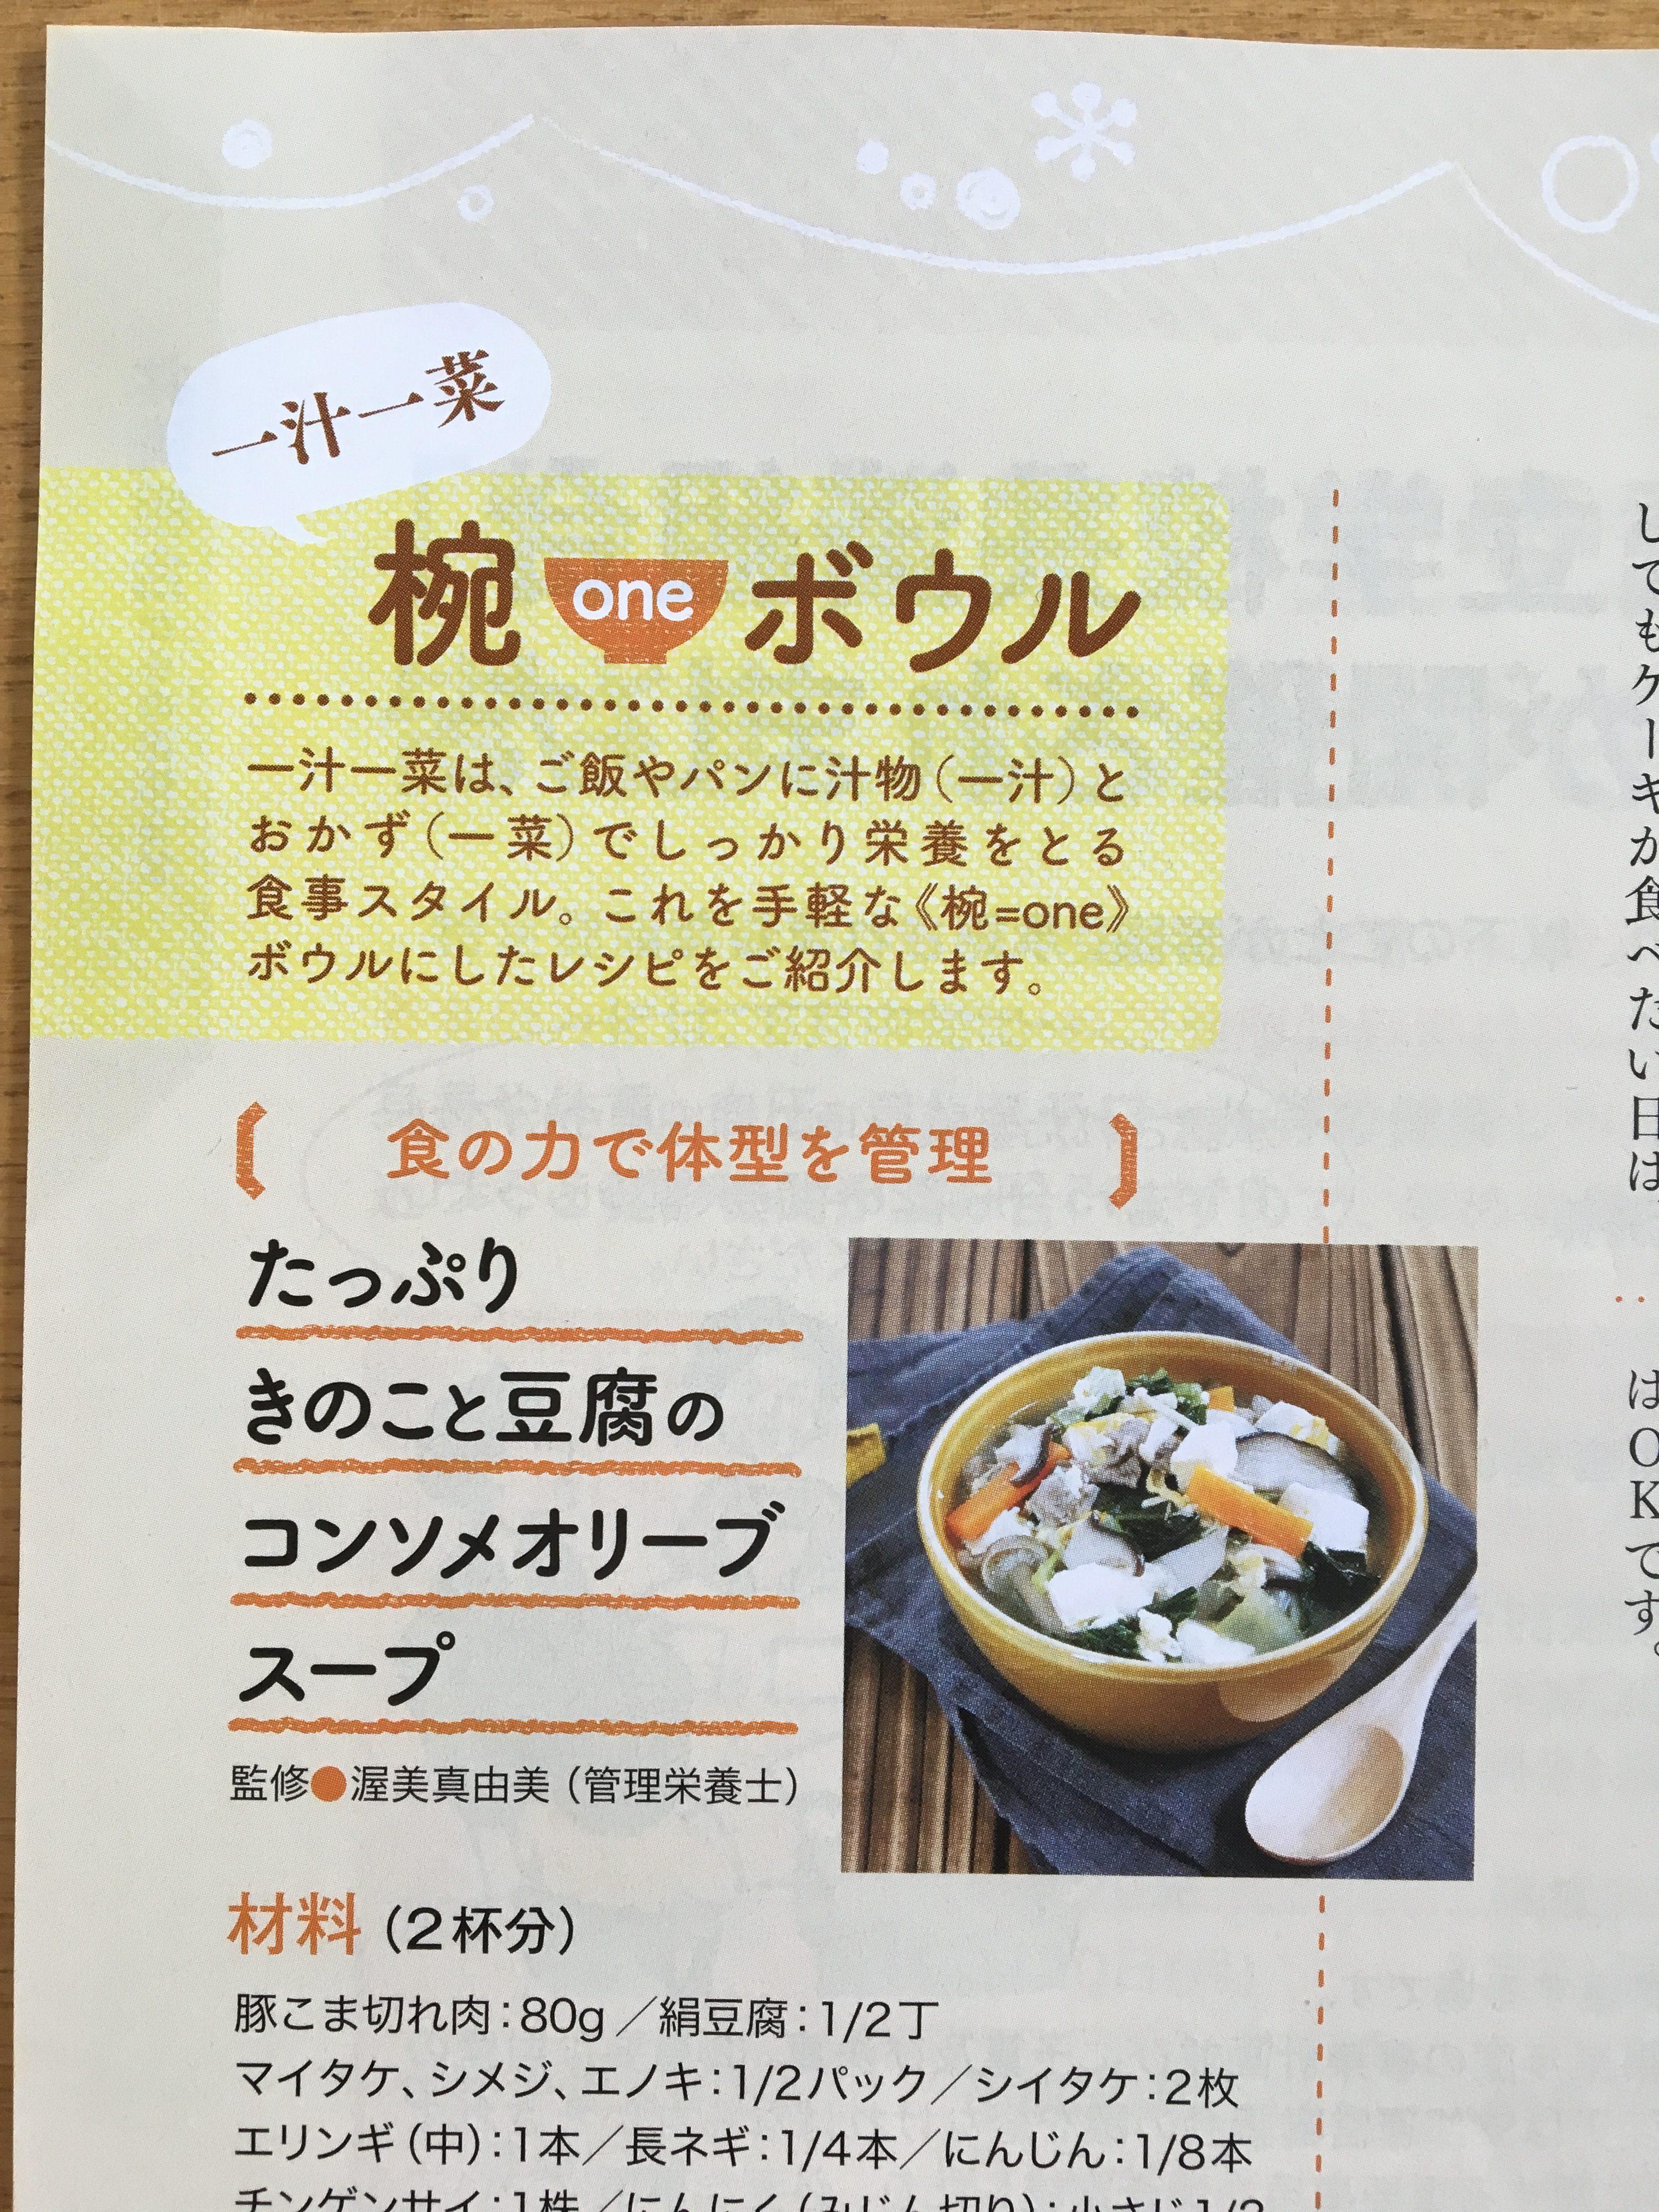 【掲載】椀ボウルレシピ「たっぷりきのと豆腐のコンソメオリーブスープ」